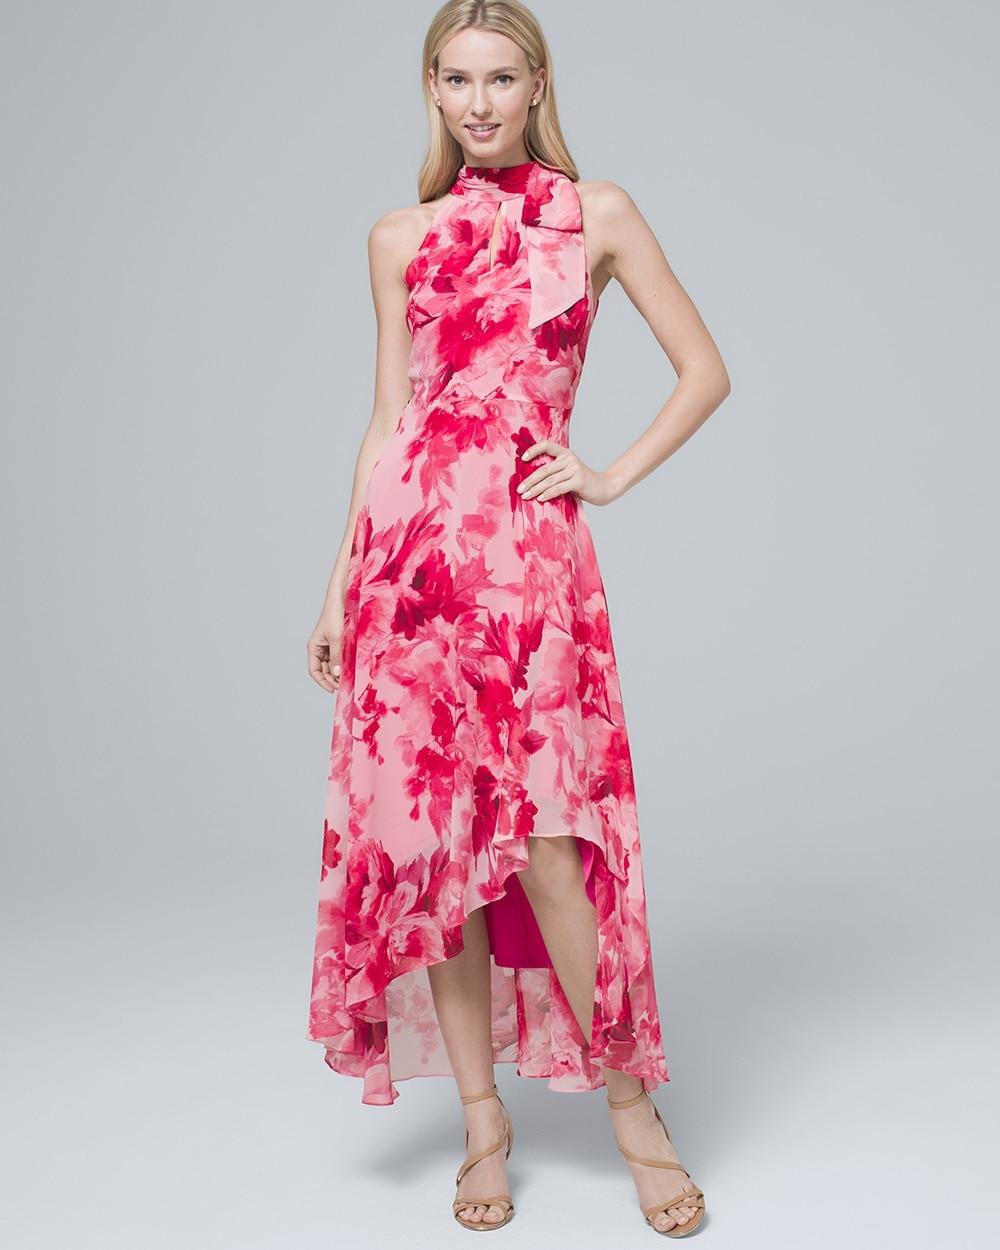 906c110a5f0c6d Floral-Print Soft Maxi Dress - White House Black Market